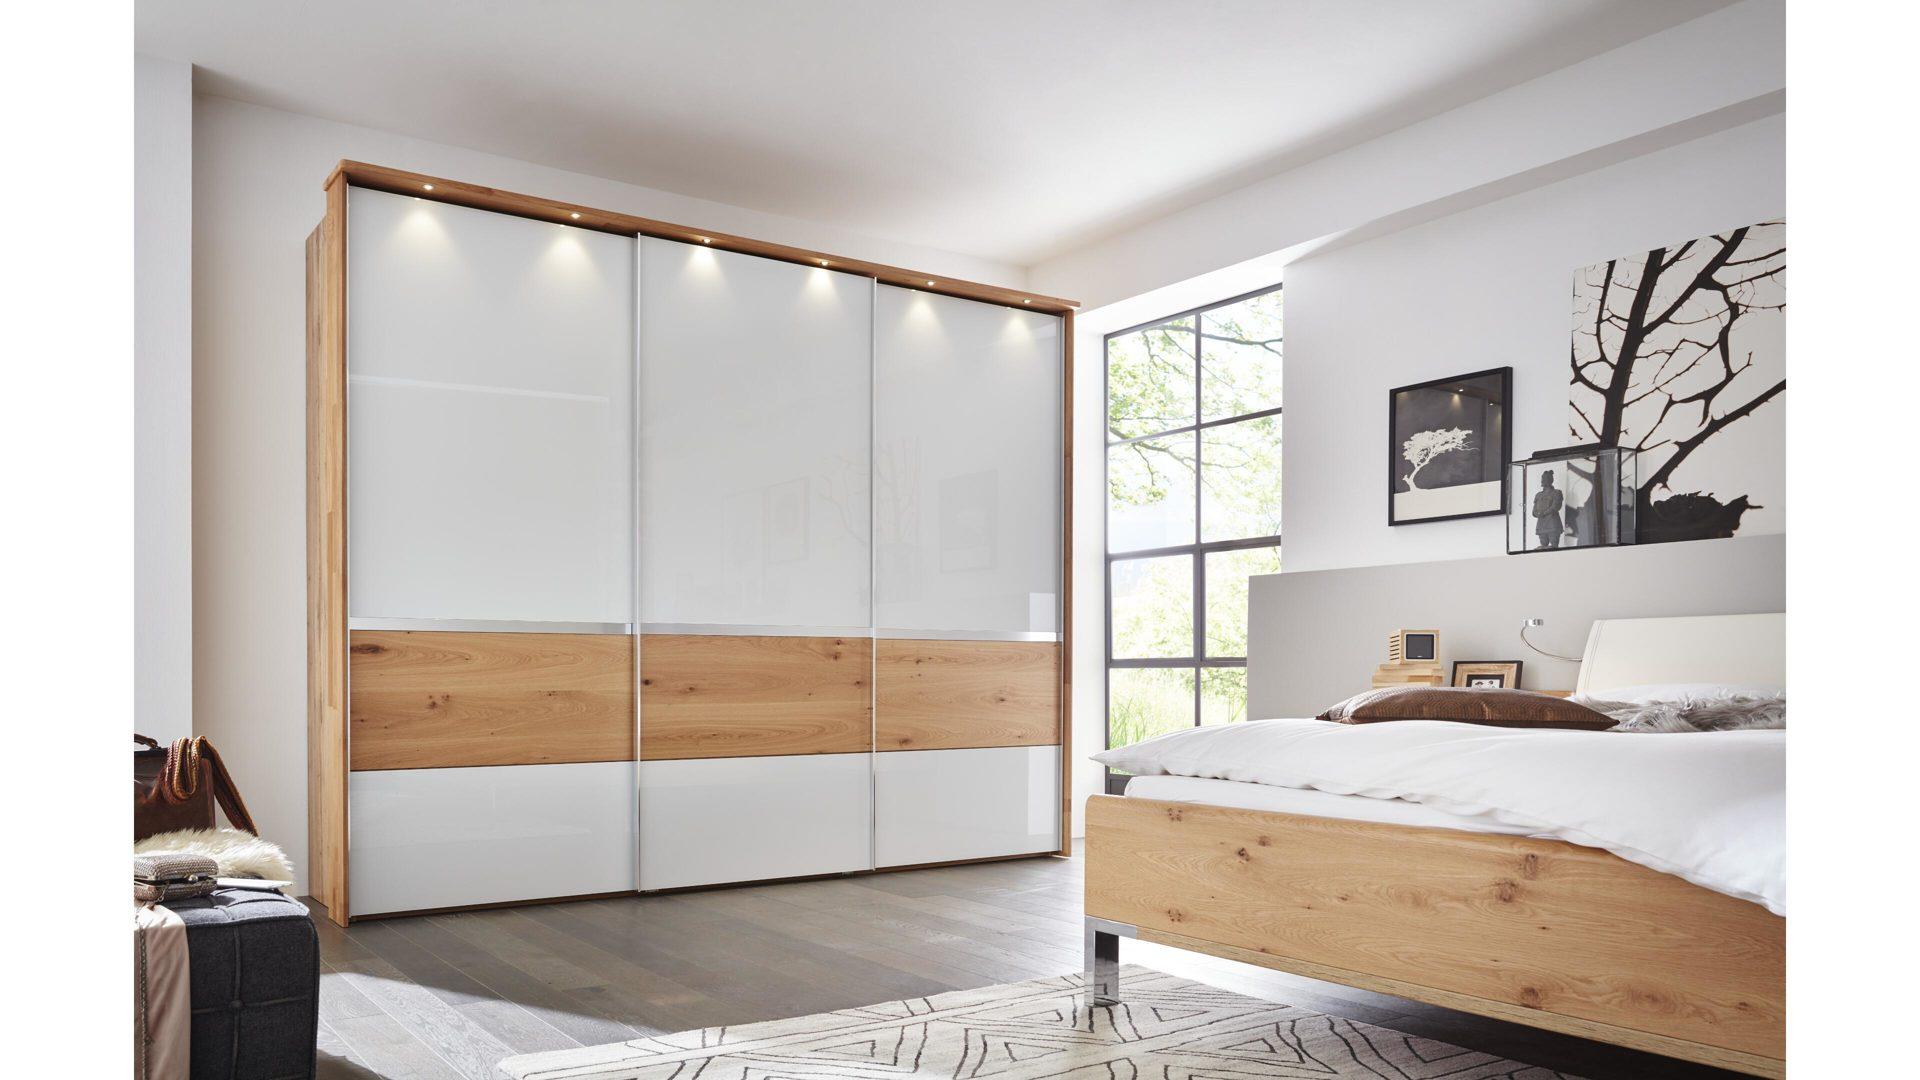 Interliving Schlafzimmer Serie 1202 – Schwebetürenschrank, teilmassive  Balkeneiche & weißes Glas – drei Türen